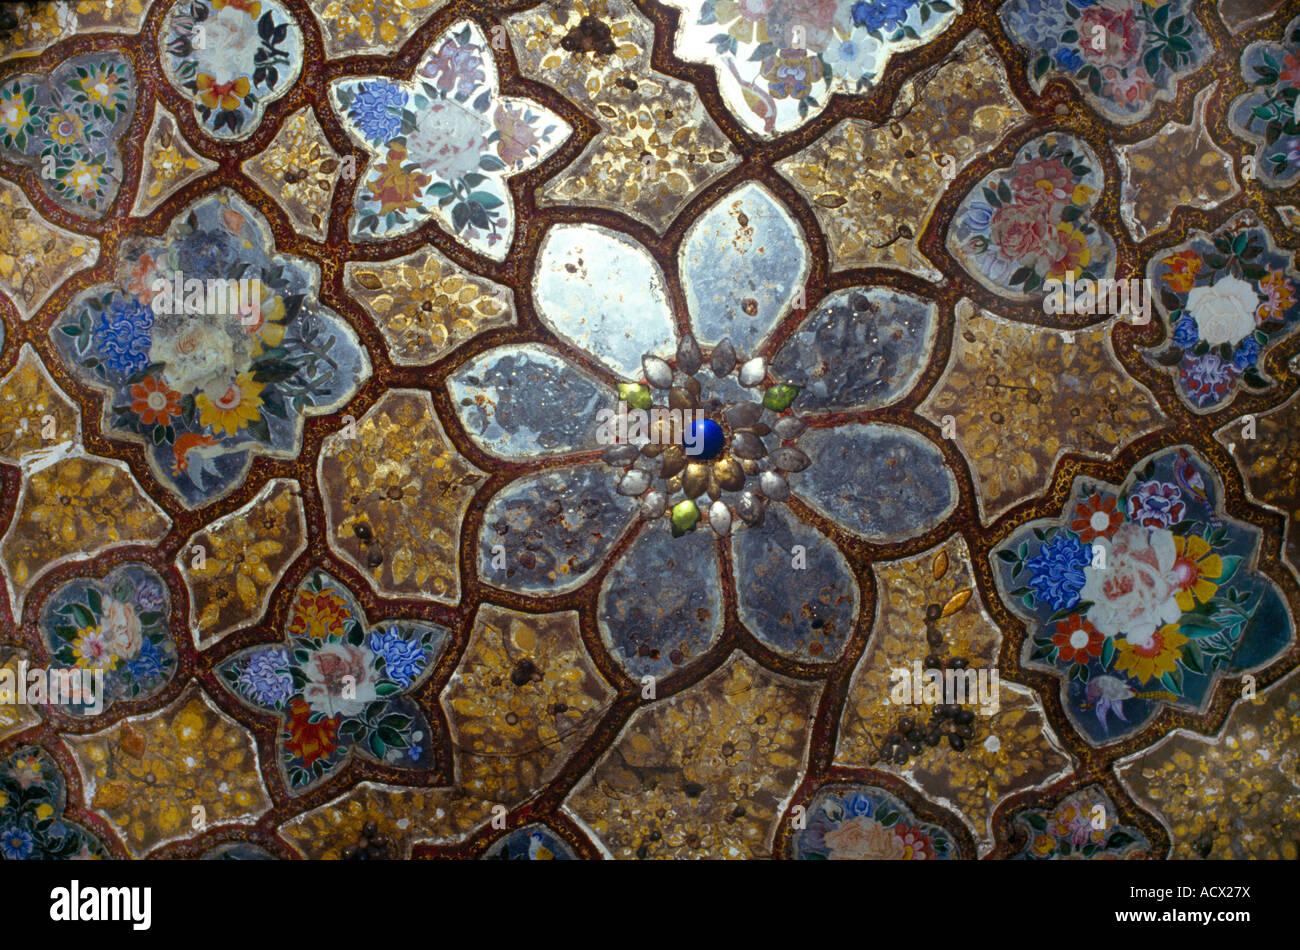 Amritsar India Mosaic Baba Atol Tower - Stock Image